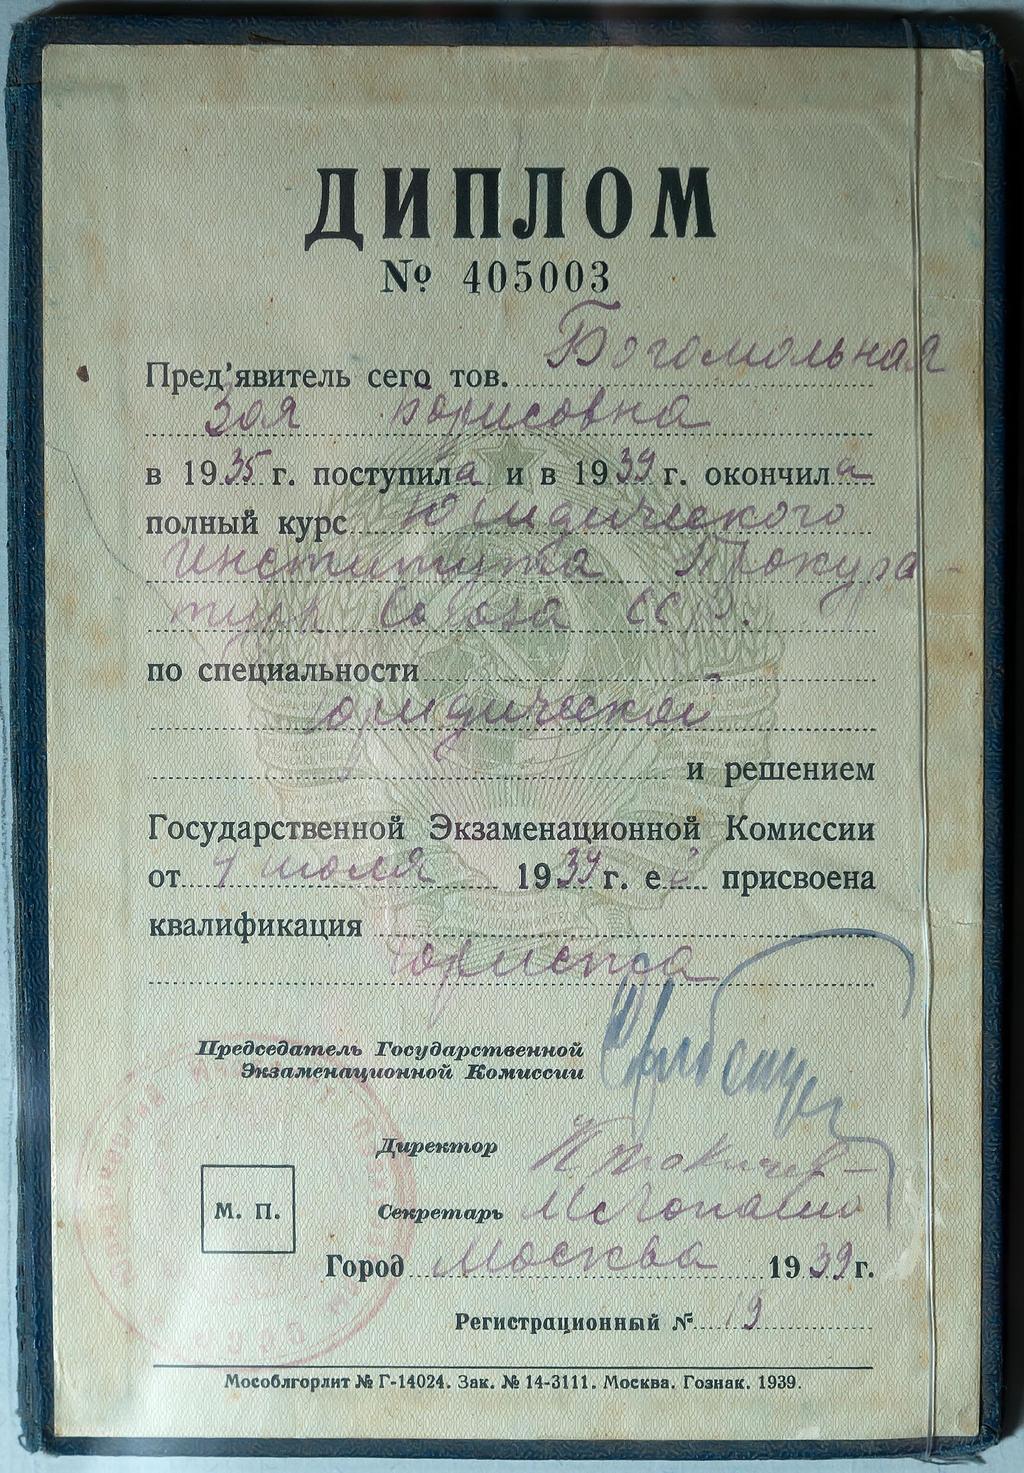 Диплом Богомольной З Б об окончании юридического института  Диплом Богомольной З Б об окончании юридического института Прокуратуры СССР 1939